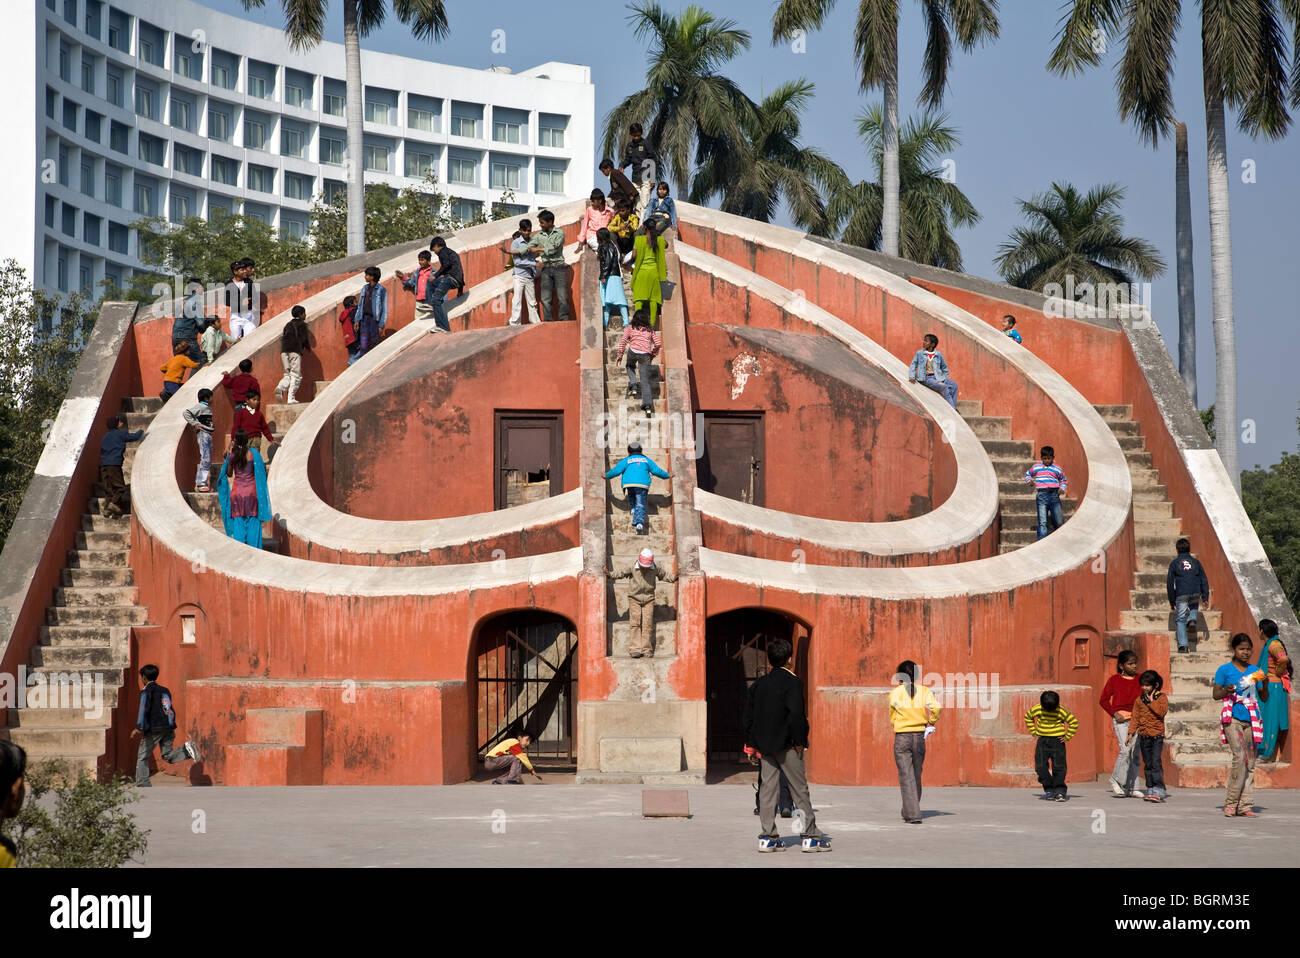 Popolo Indiano in visita Misra Yantra edificio. Jantar Mantar antico osservatorio. New Delhi. India Immagini Stock